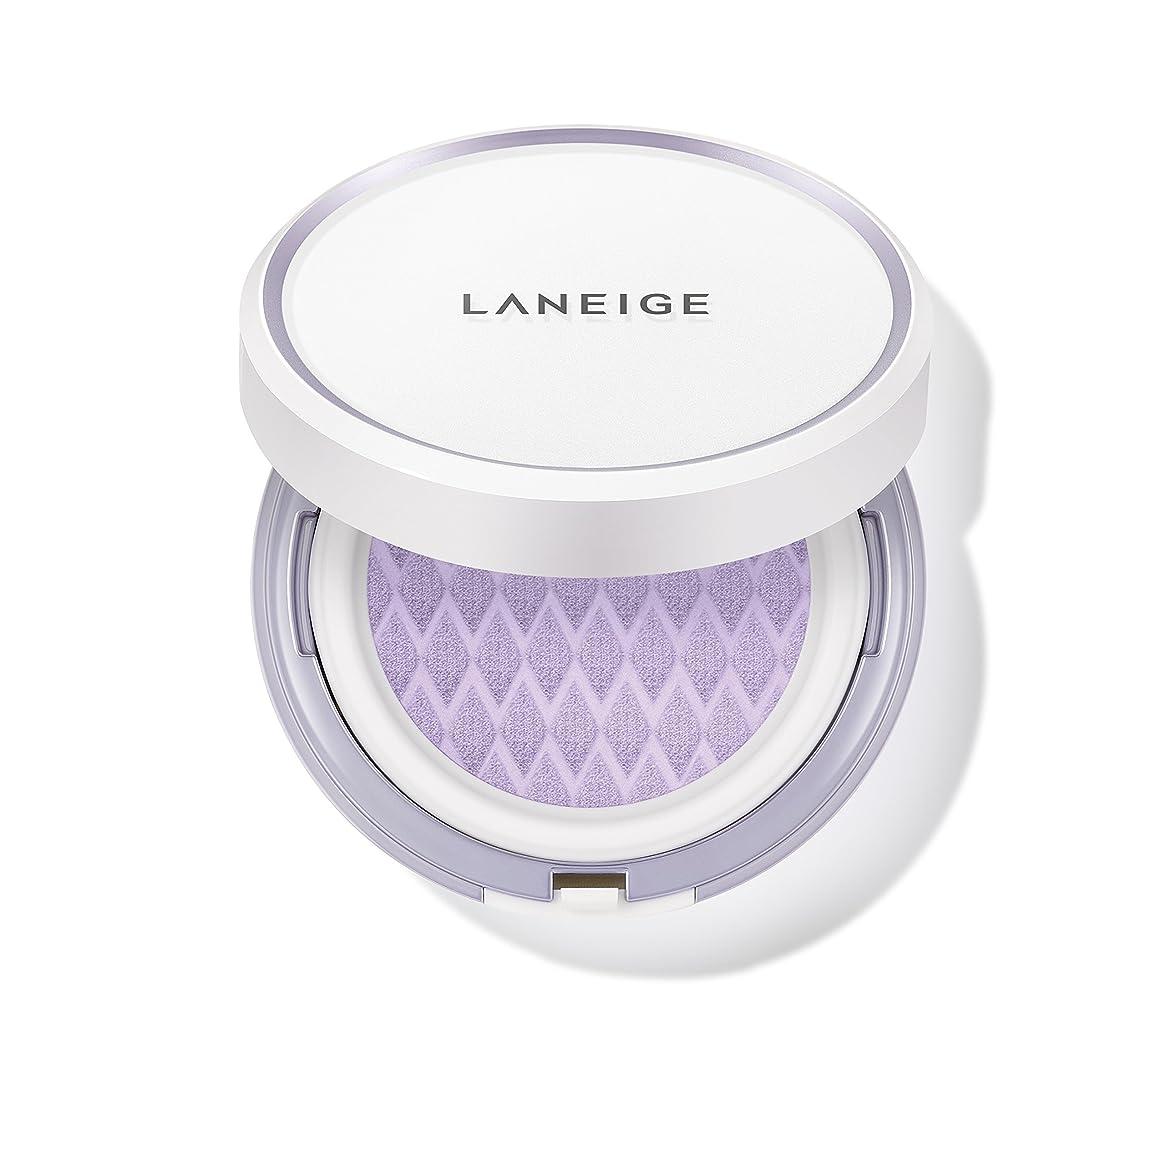 約設定ふさわしいエラーラネージュ[LANEIGE]*AMOREPACIFIC*[新商品]スキンベなベースクッションSPF 22PA++(#40 Light Purple) 15g*2 / LANEIGE Skin Veil Base Cushion SPF22 PA++ (#40 Light Purple) 15g*2 [海外直送品] [並行輸入品]